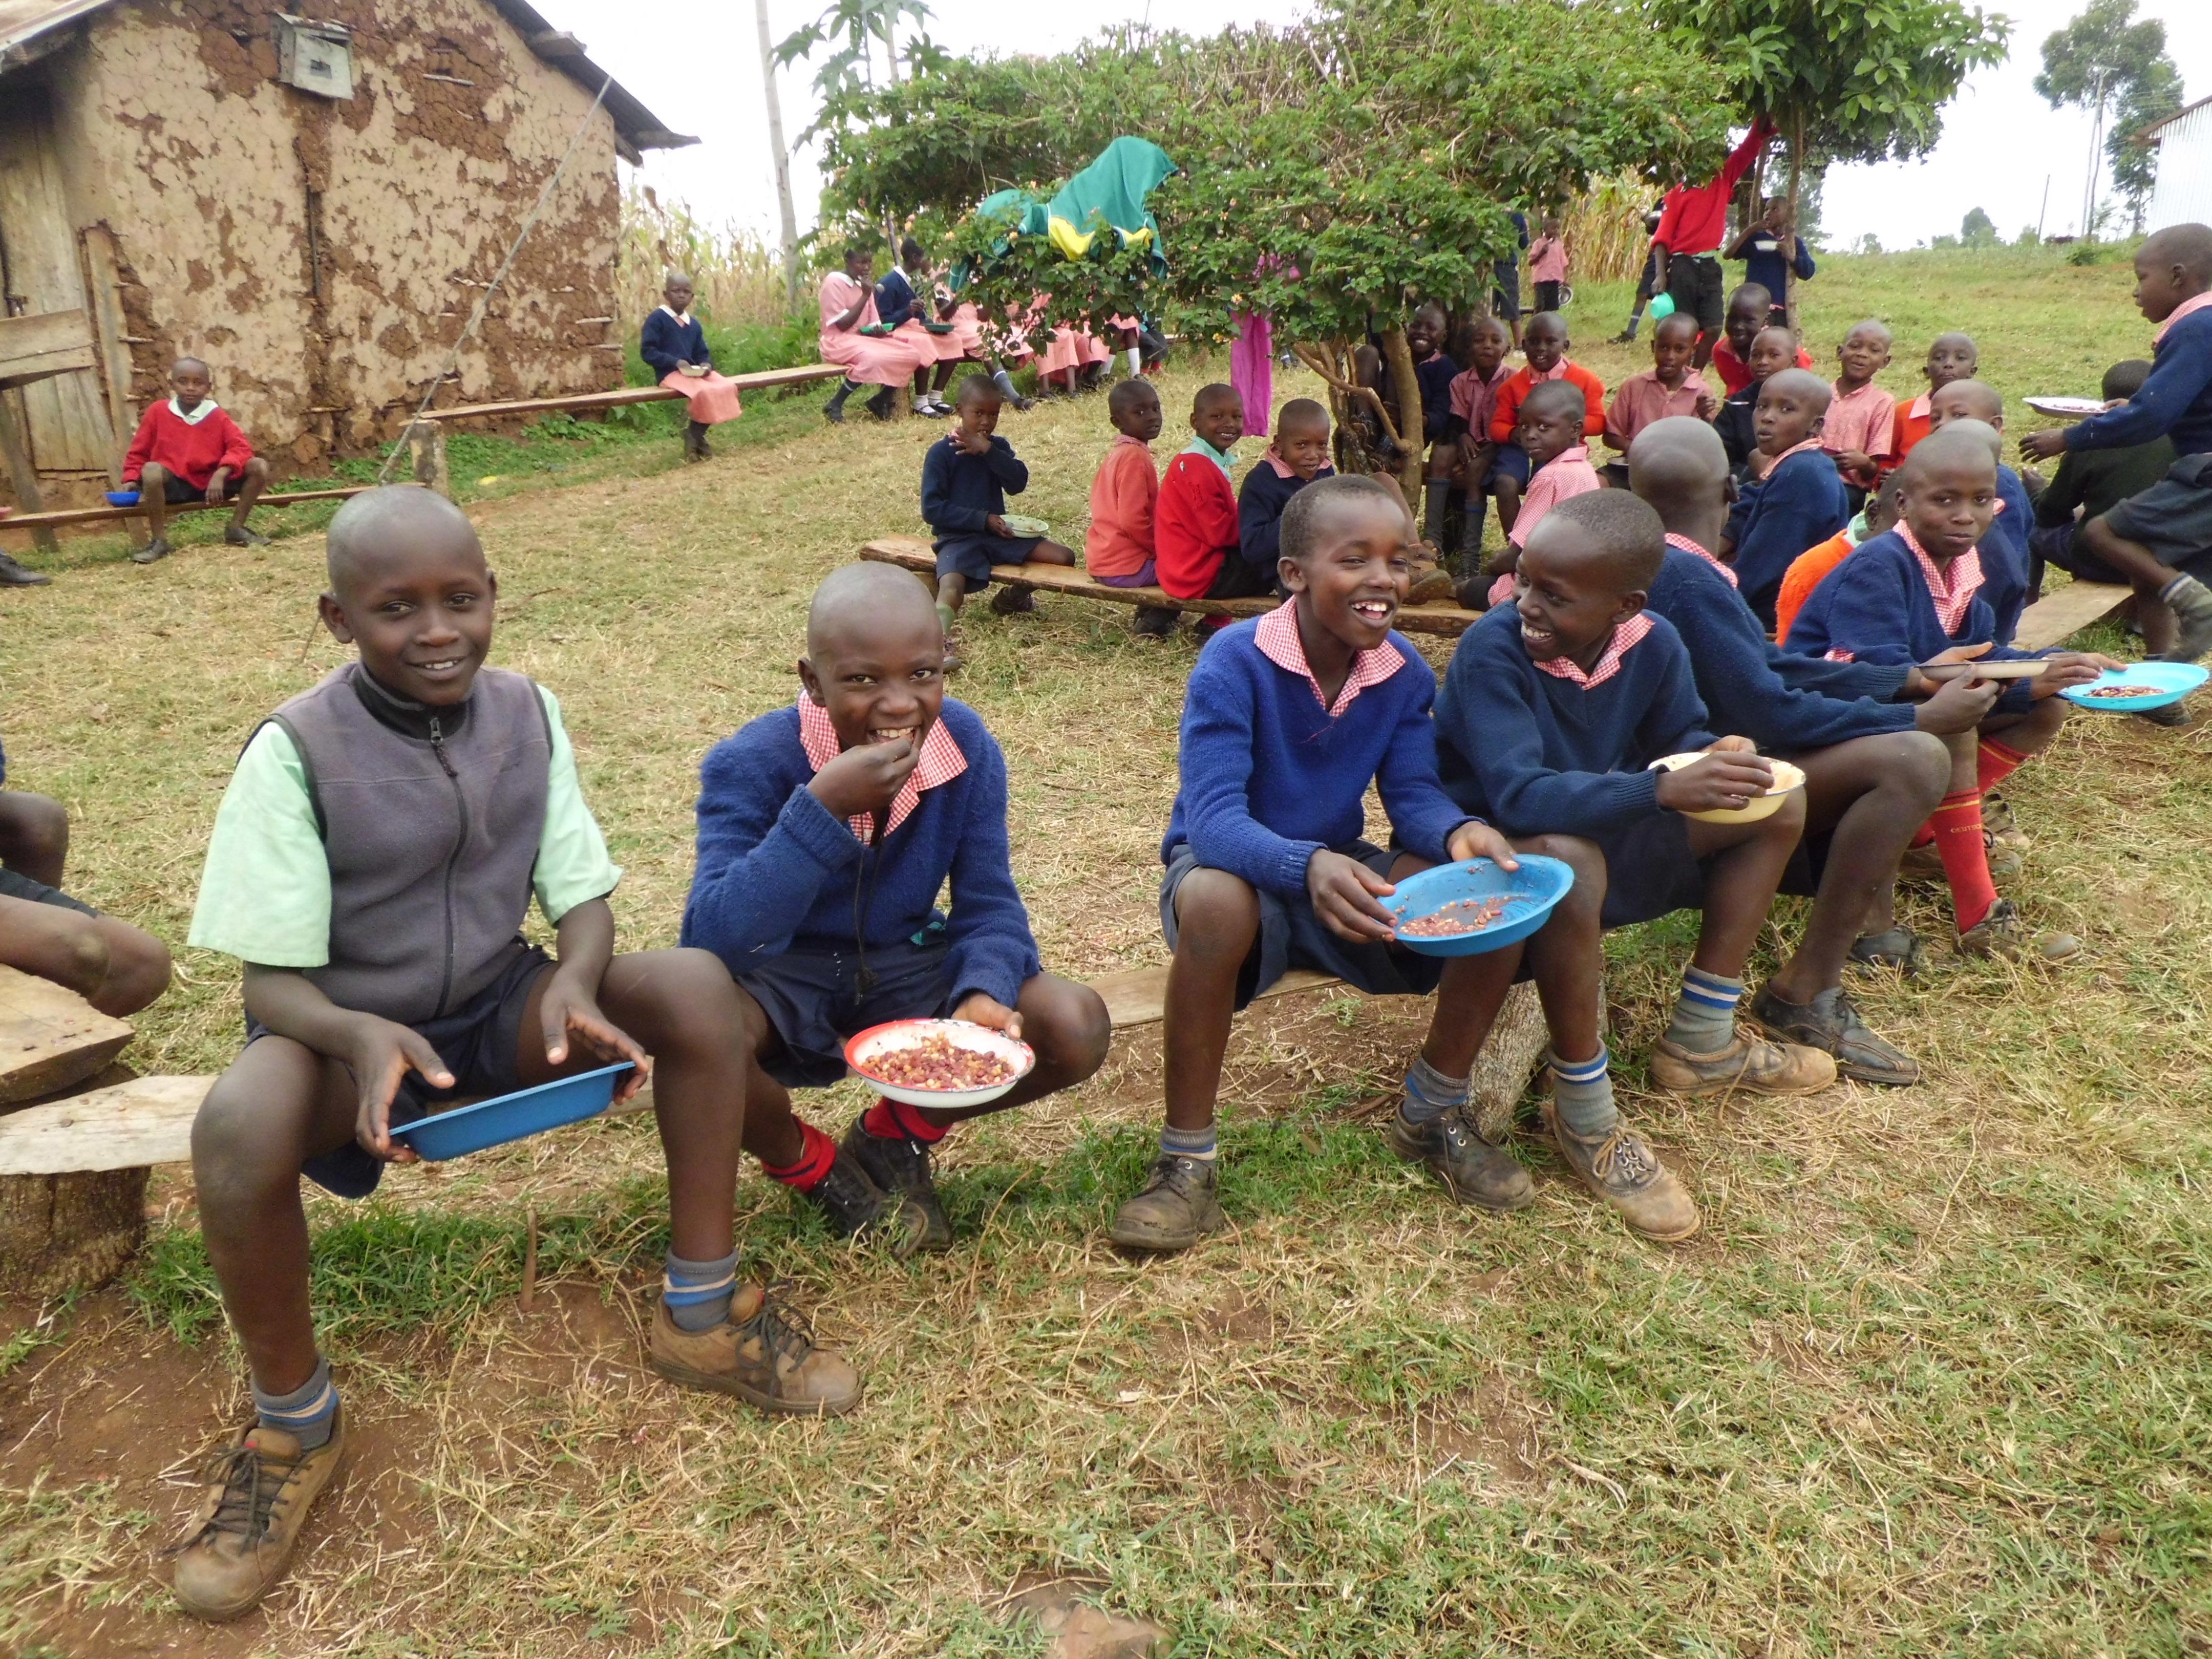 eten op school; bonen en mais